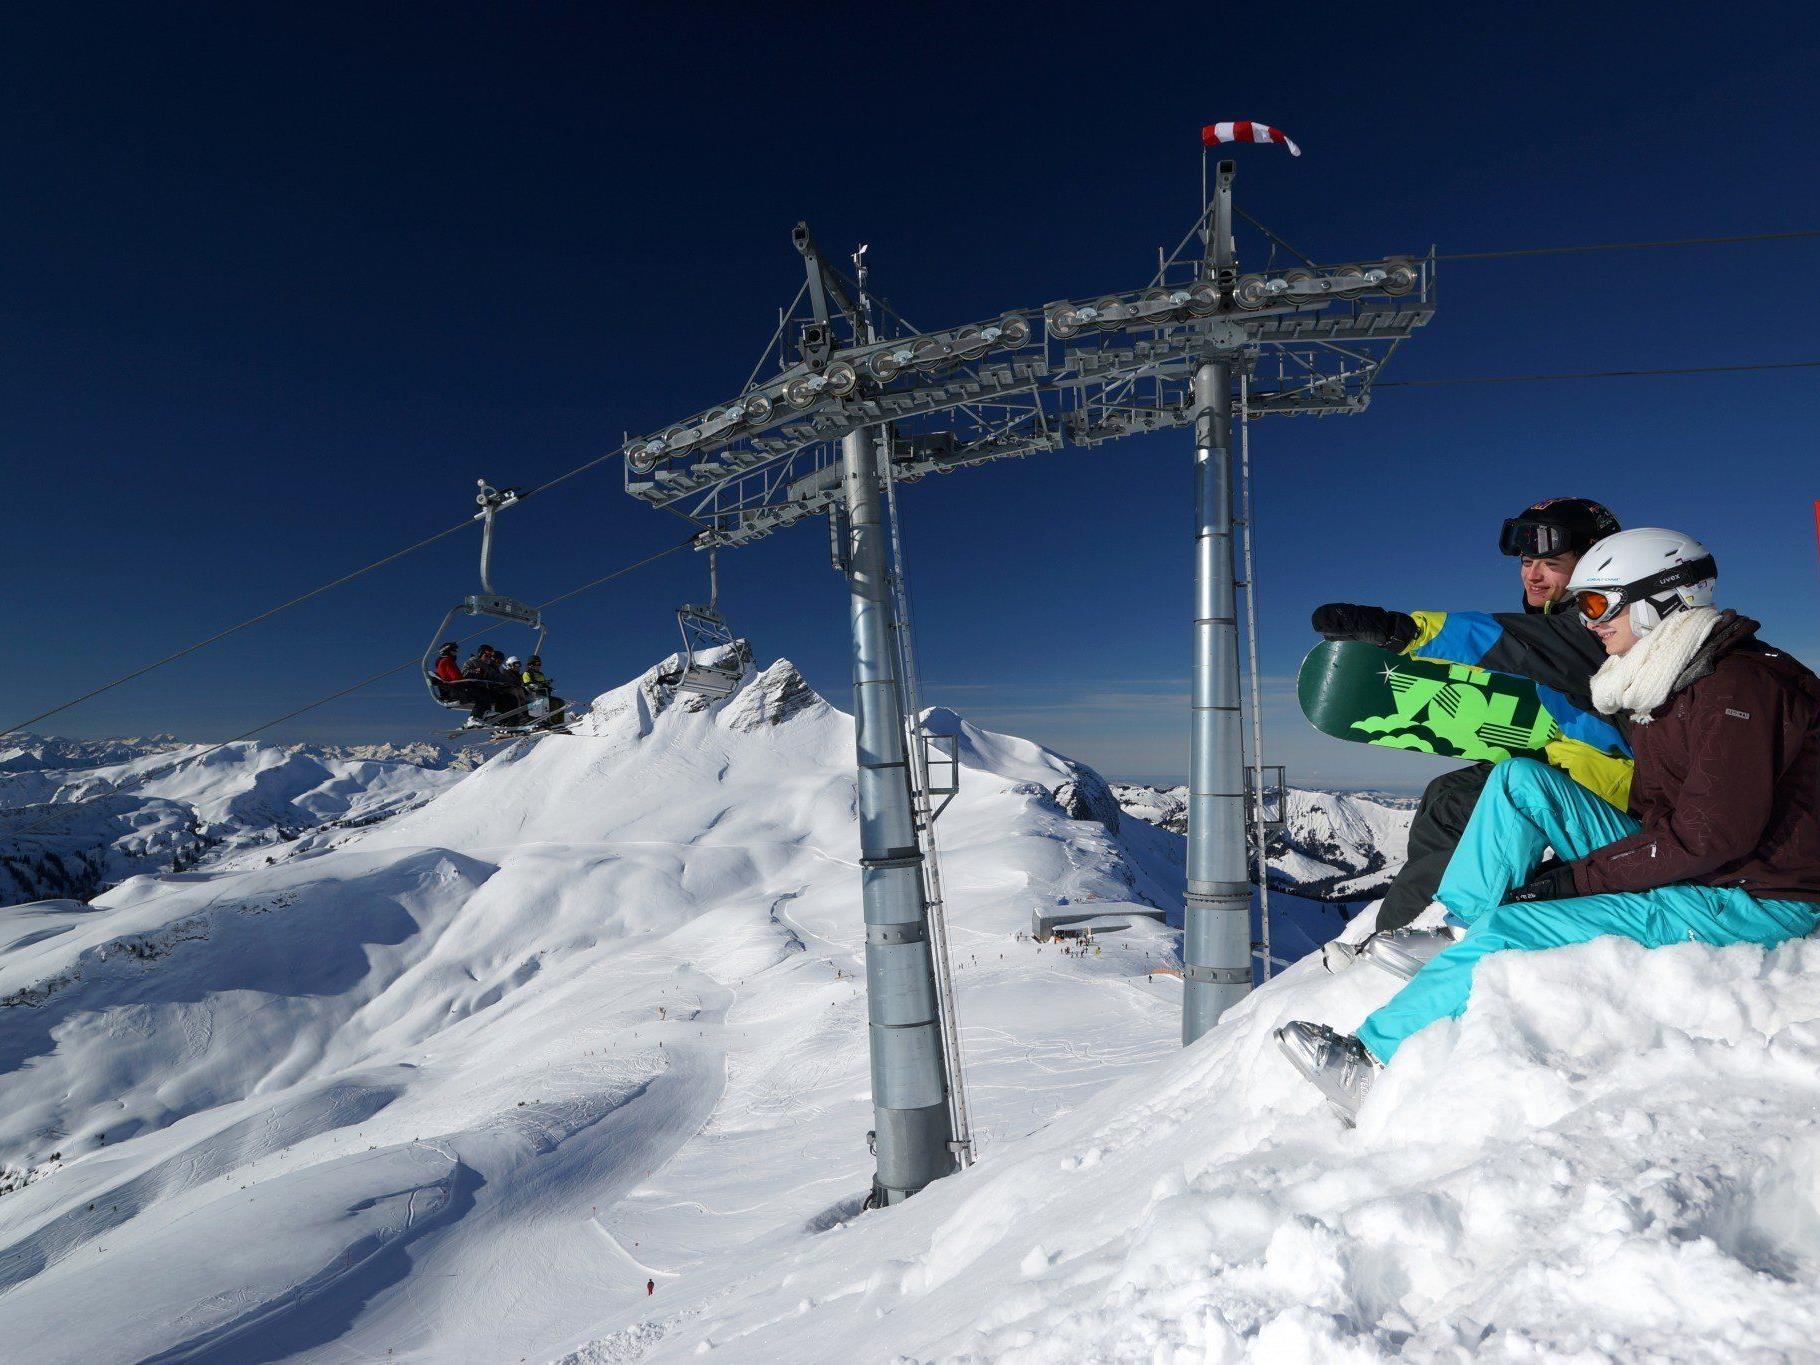 Am 12. Dezember wird der neue 8er-Sessellift im Skigebiet Mellau Damüls eröffnet.